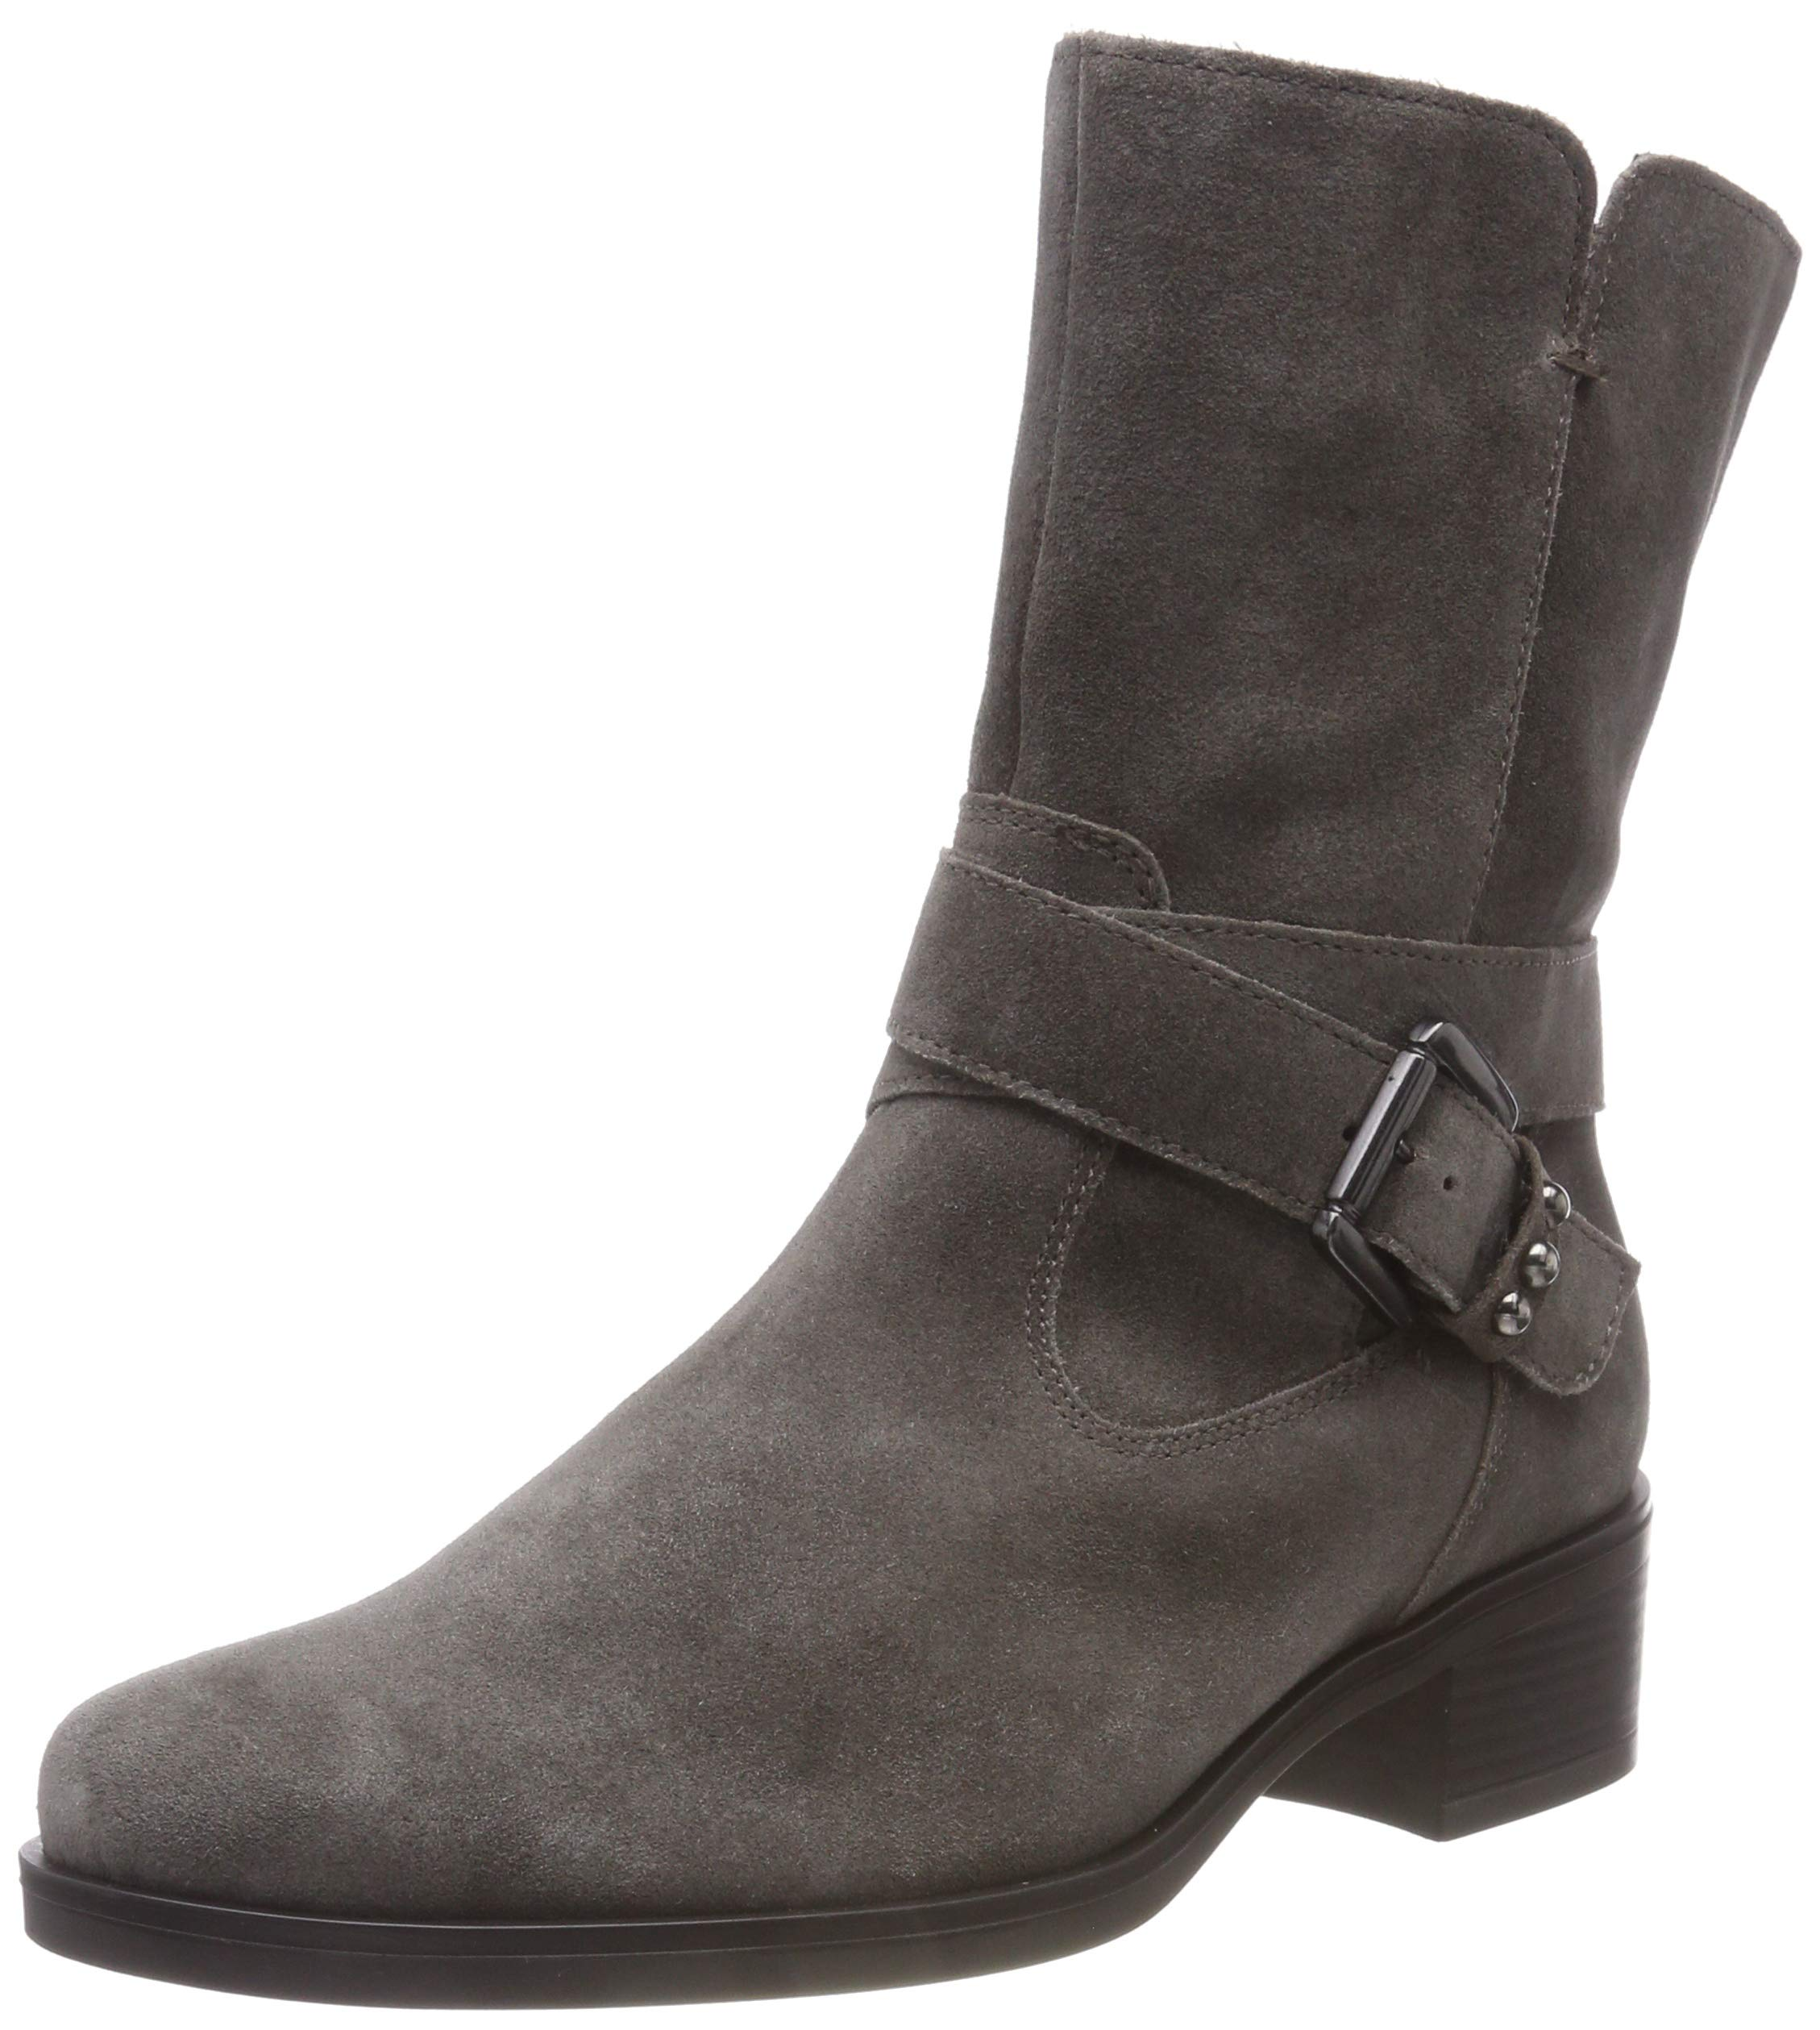 1239 Gabor Hautes FemmeMarronwallaby Shoes BasicBottes Eu IeDHEY29bW